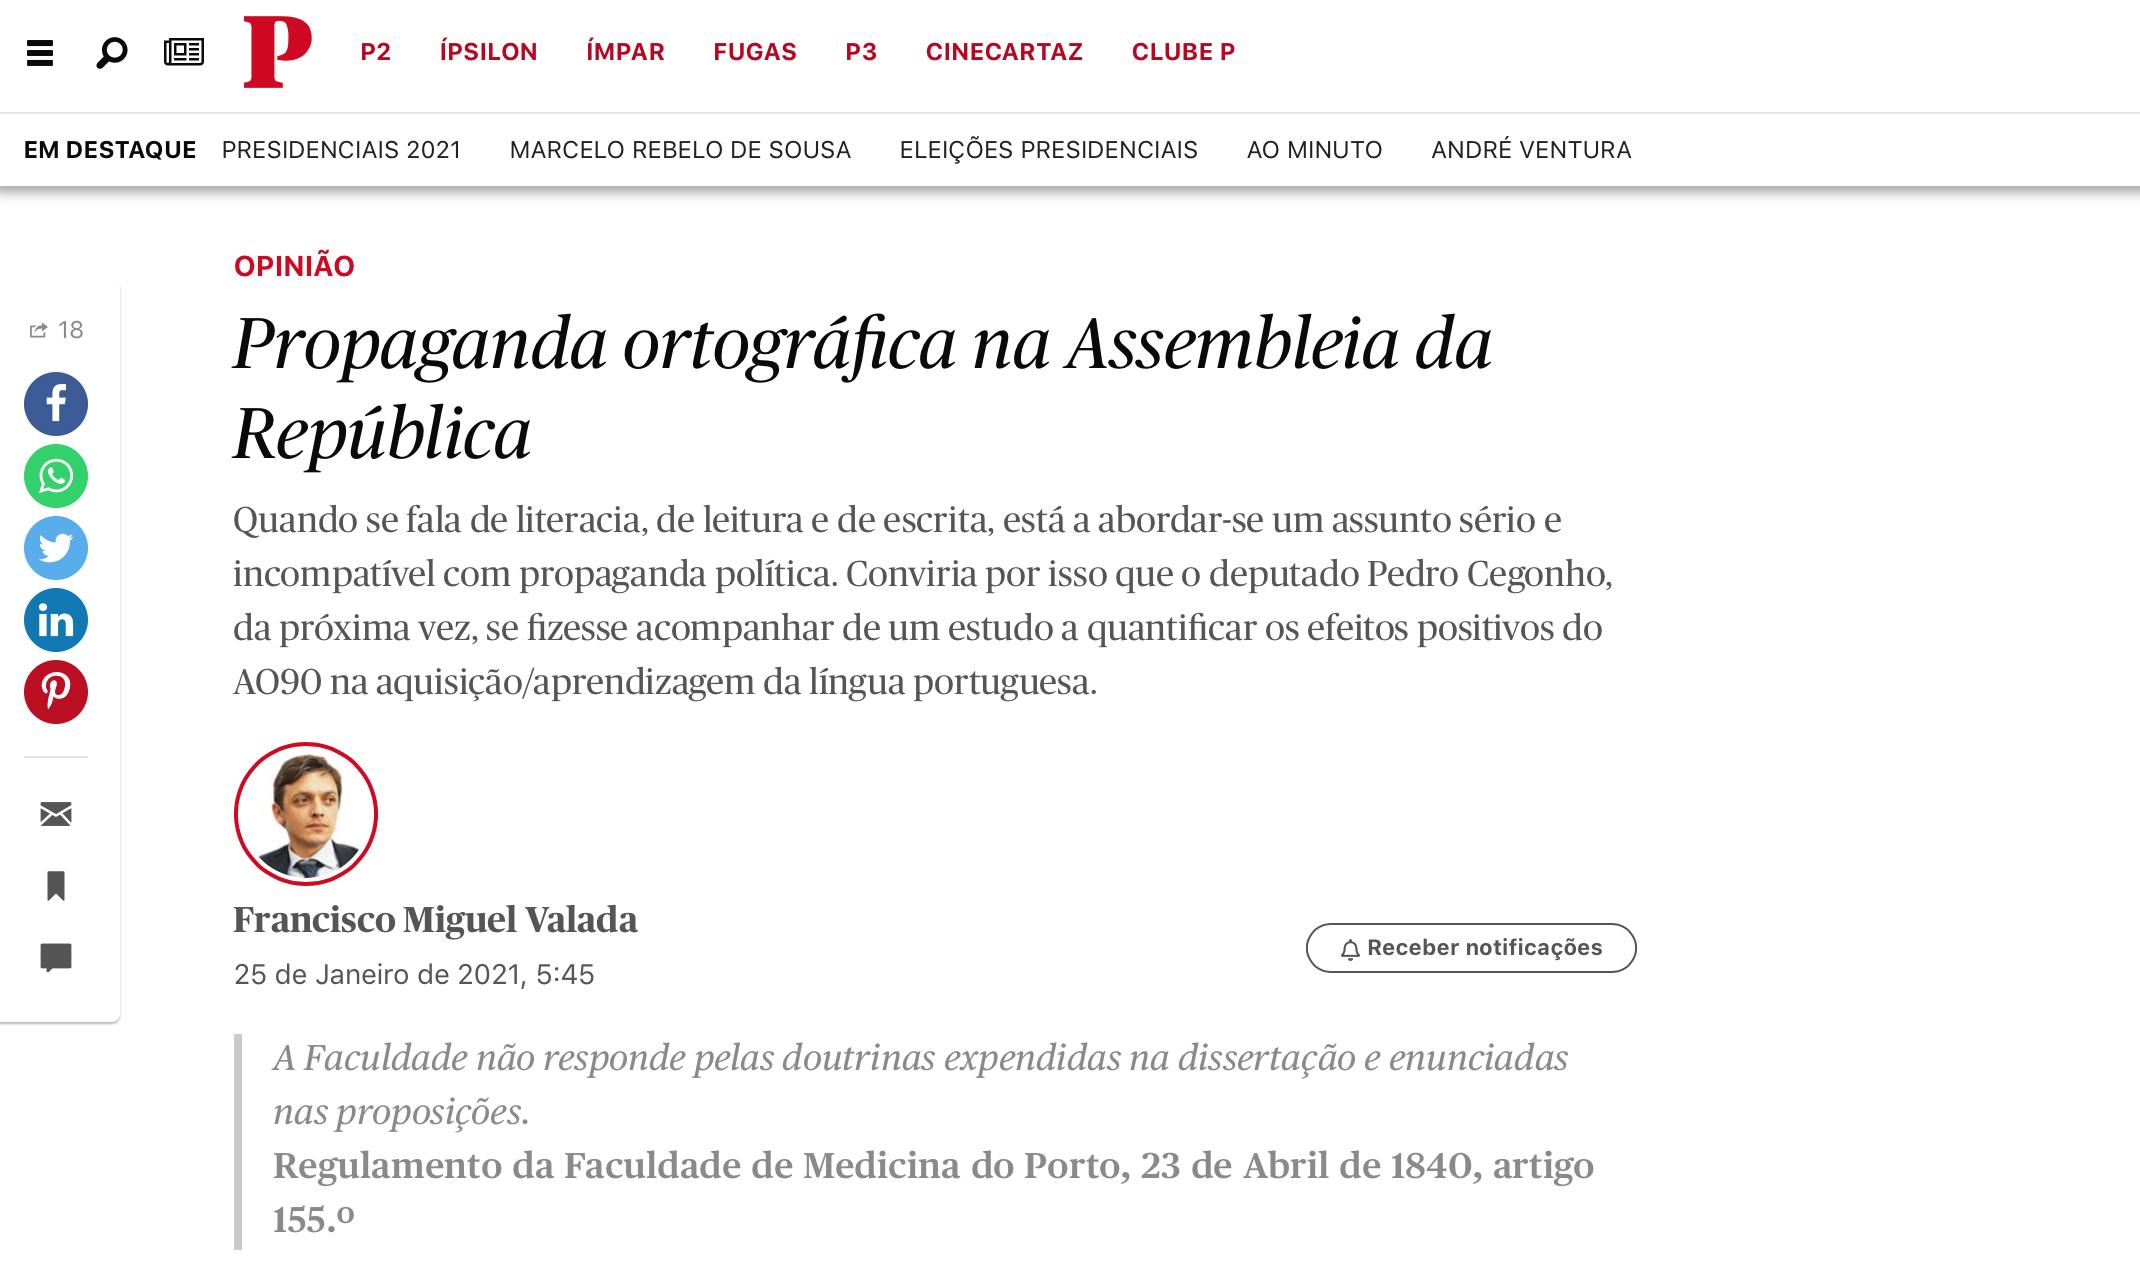 PUBLICO_FMV_debateAR2021